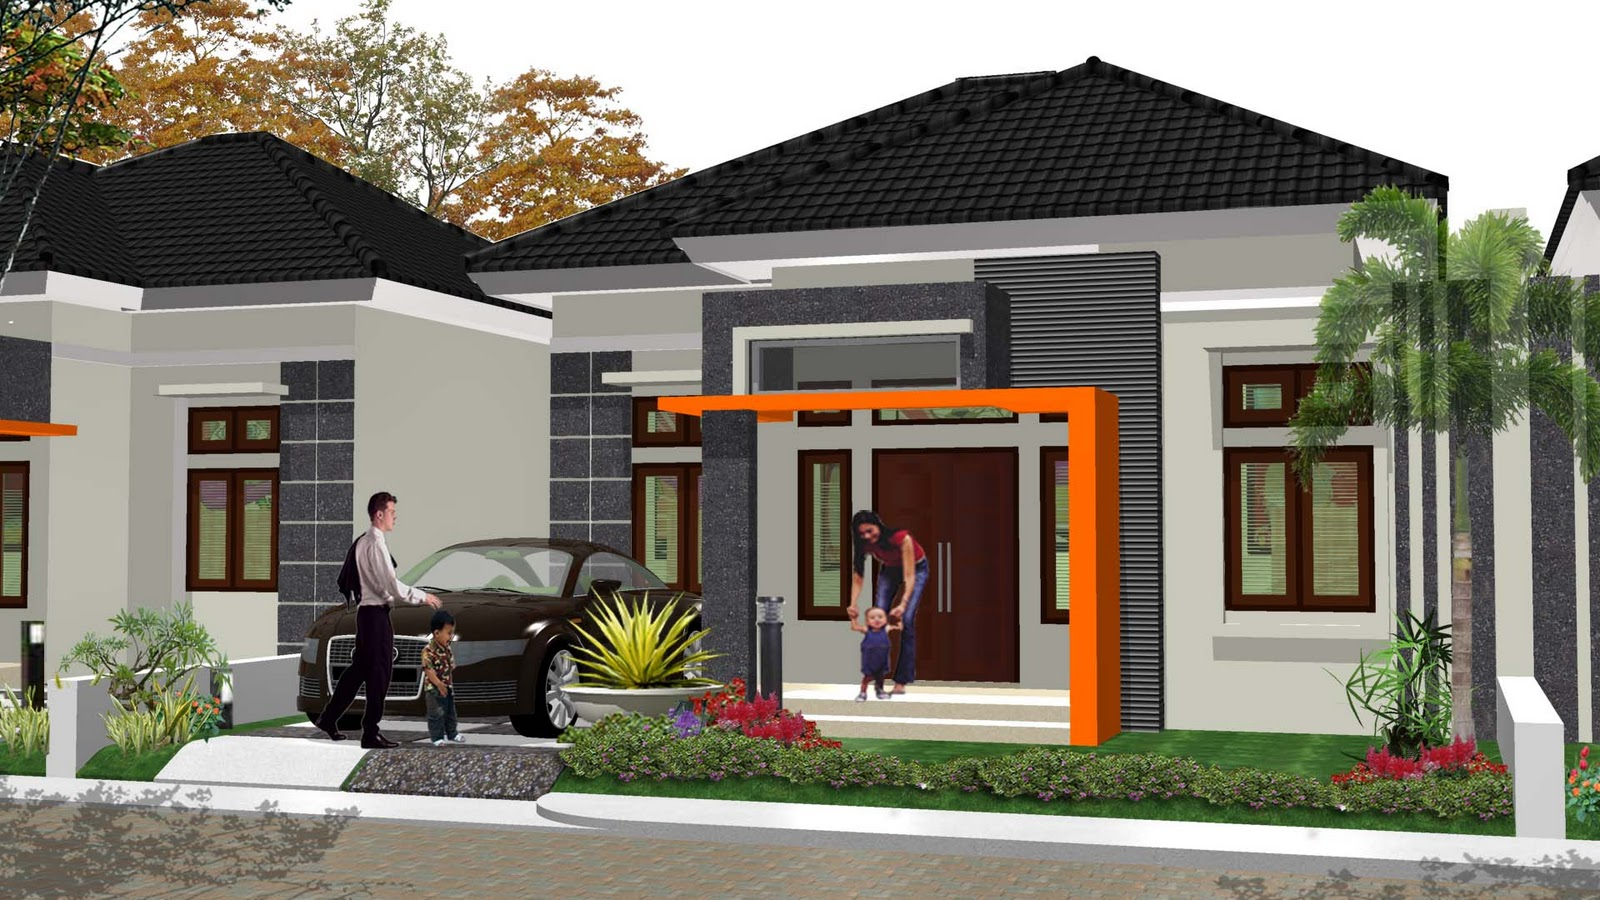 Rumah Minimalis Satu Lantai dengan Satu Garasi Mobil